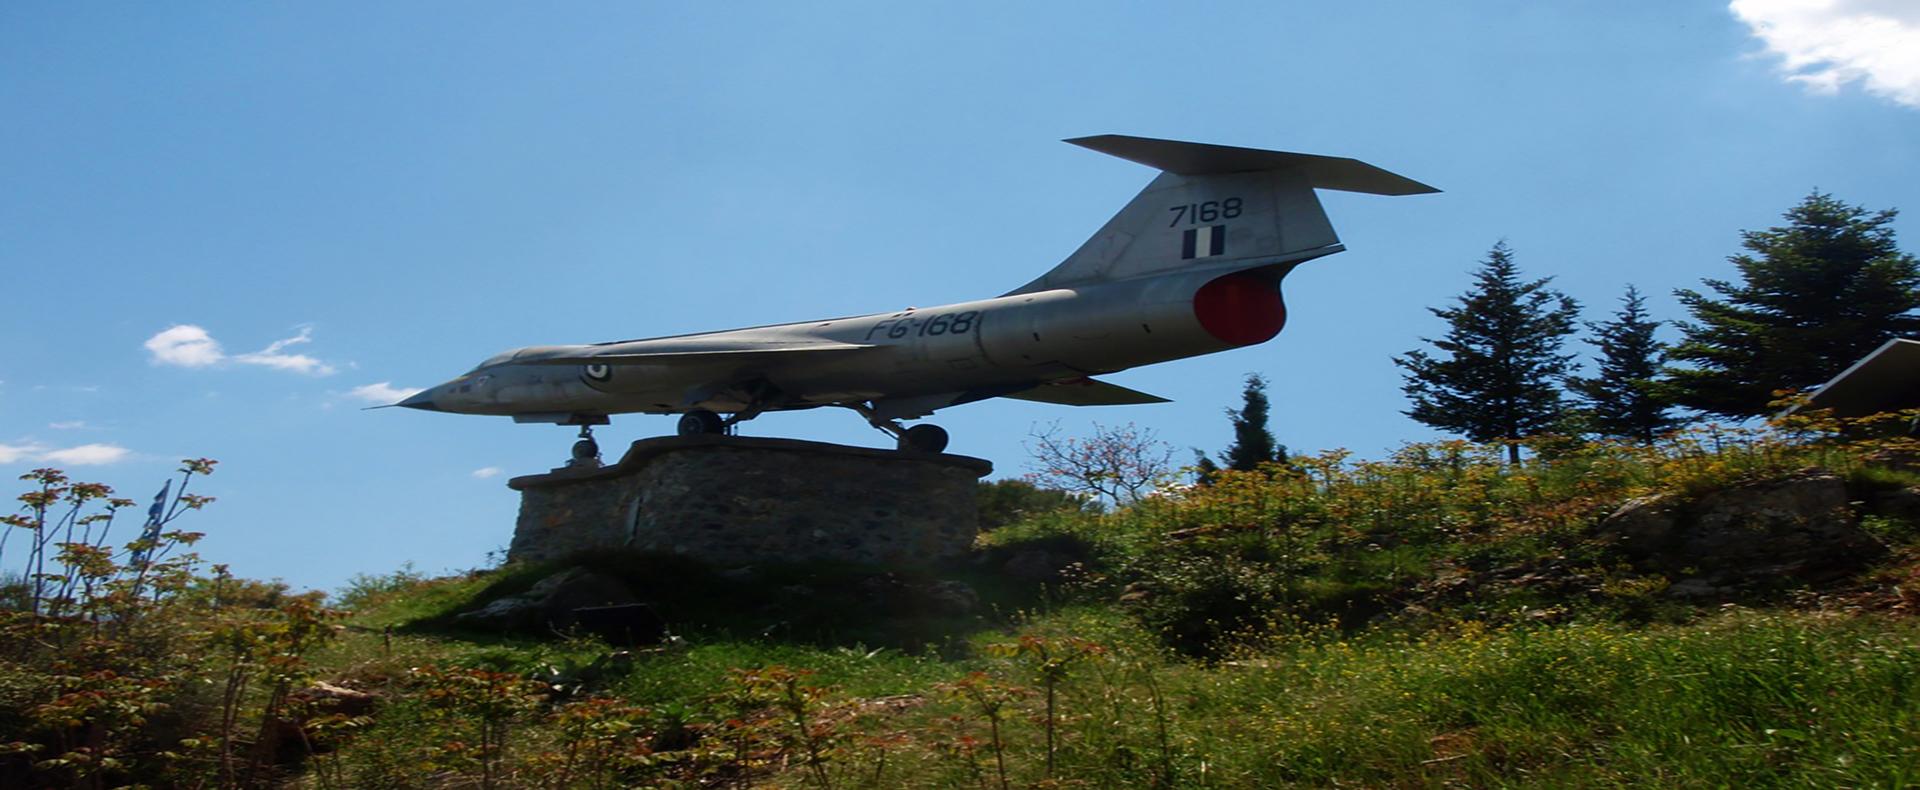 Το μαχητικό αεροσκάφος F104 ως ένδειξη τιμής και ευγνωμοσύνης από το Γενικό Επιτελείο Αεροπορίας στους υπέρ Πατρίδος Πεσόντες Αεροπόρους στο Γεωργίτσι Λακωνίας.